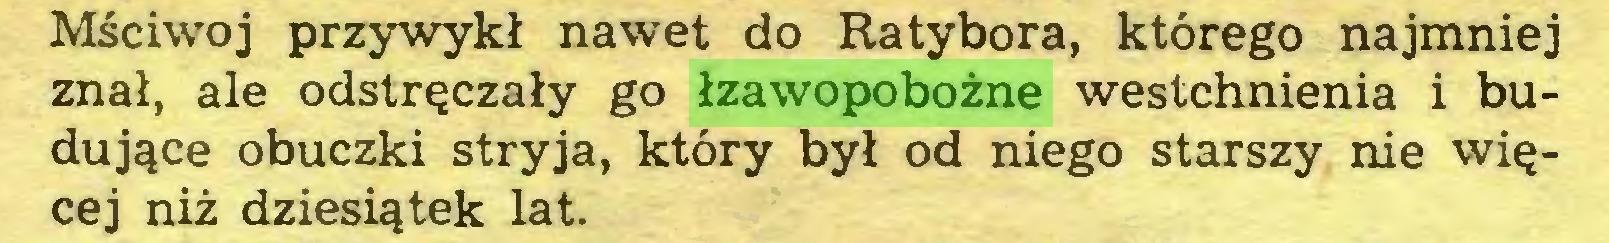 (...) Mściwoj przywykł nawet do Ratybora, którego najmniej znał, ale odstręczały go łzawopobożne westchnienia i budujące obuczki stryja, który był od niego starszy nie więcej niż dziesiątek lat...